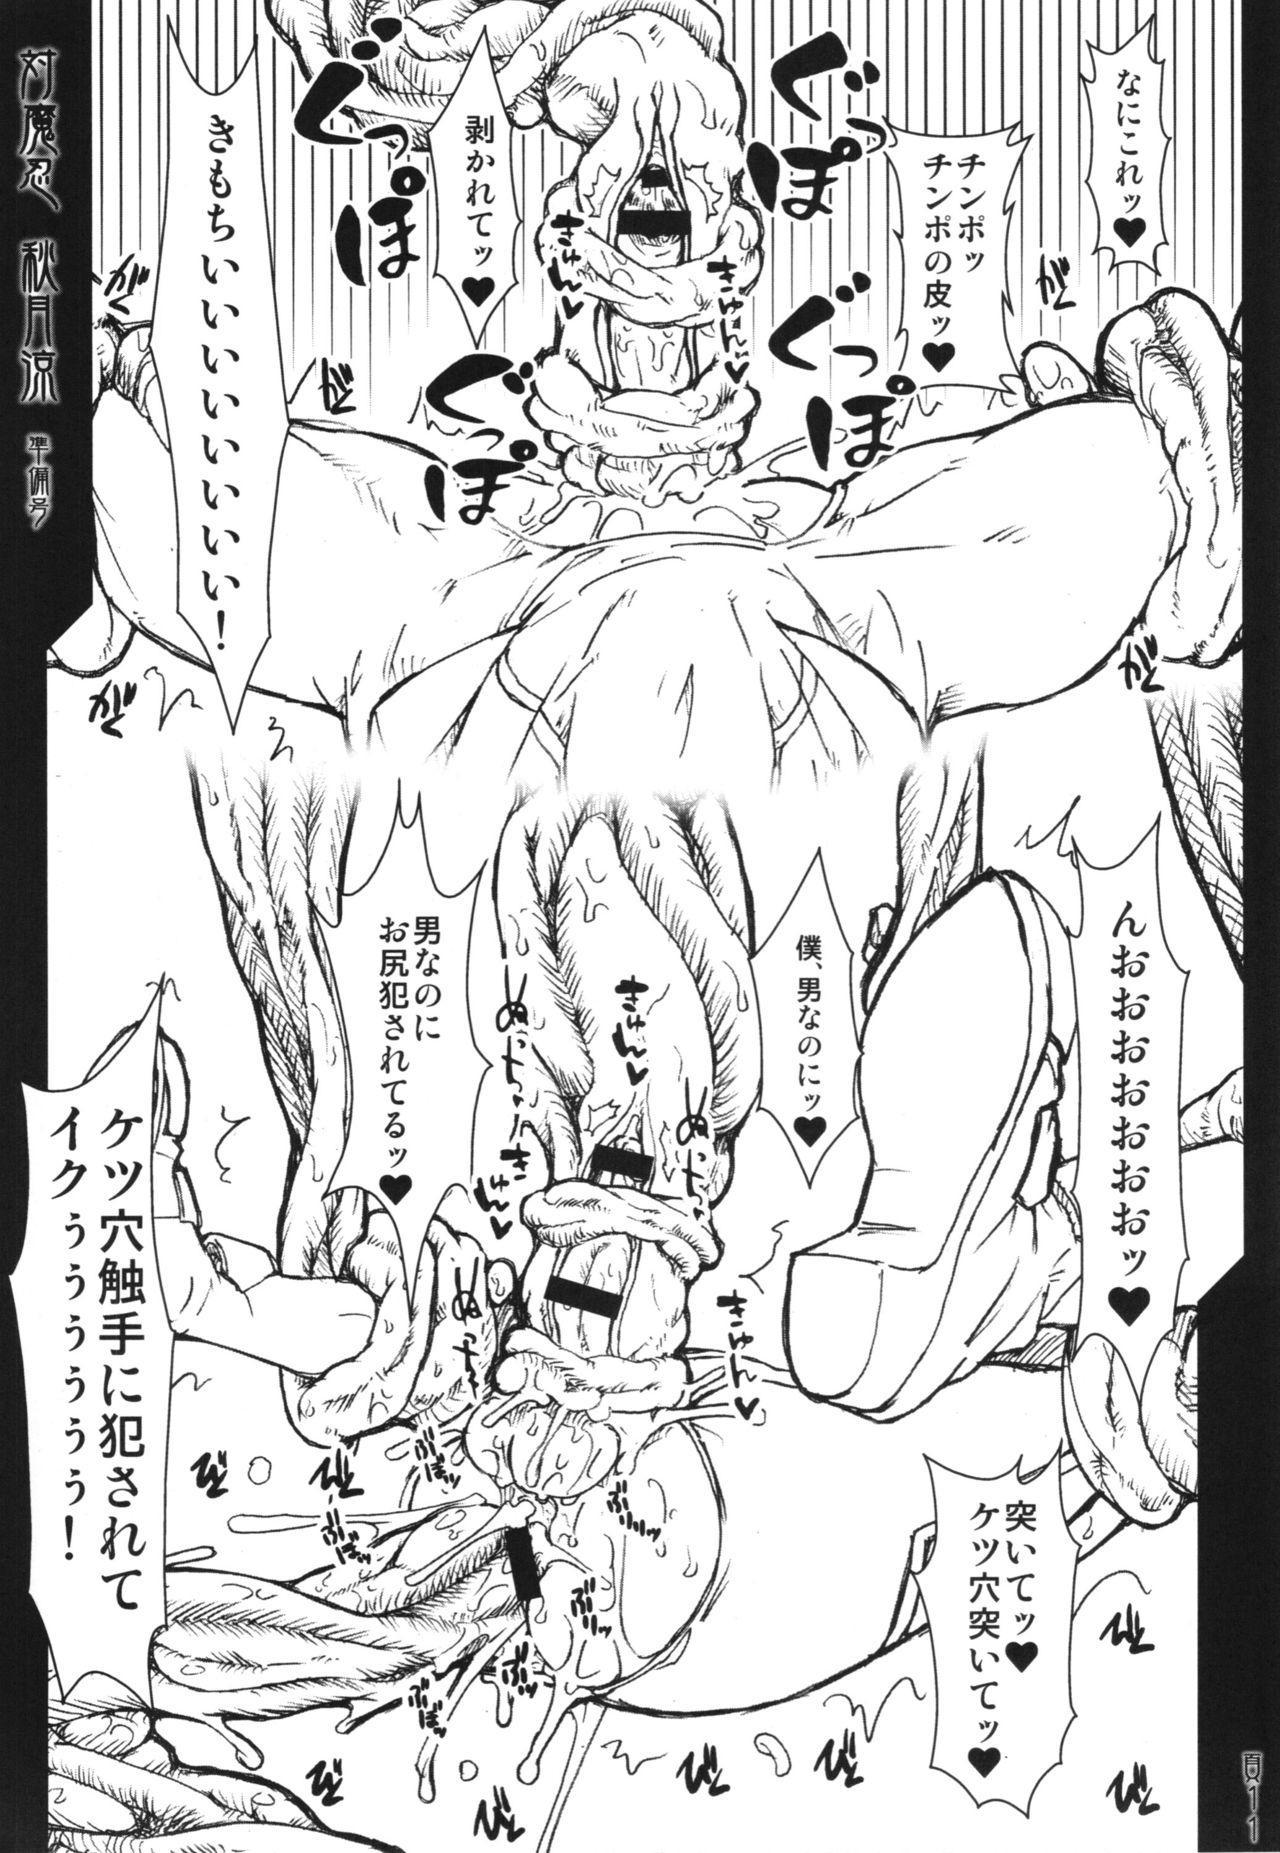 Taimanin Akizuki Ryo Junbigou 10